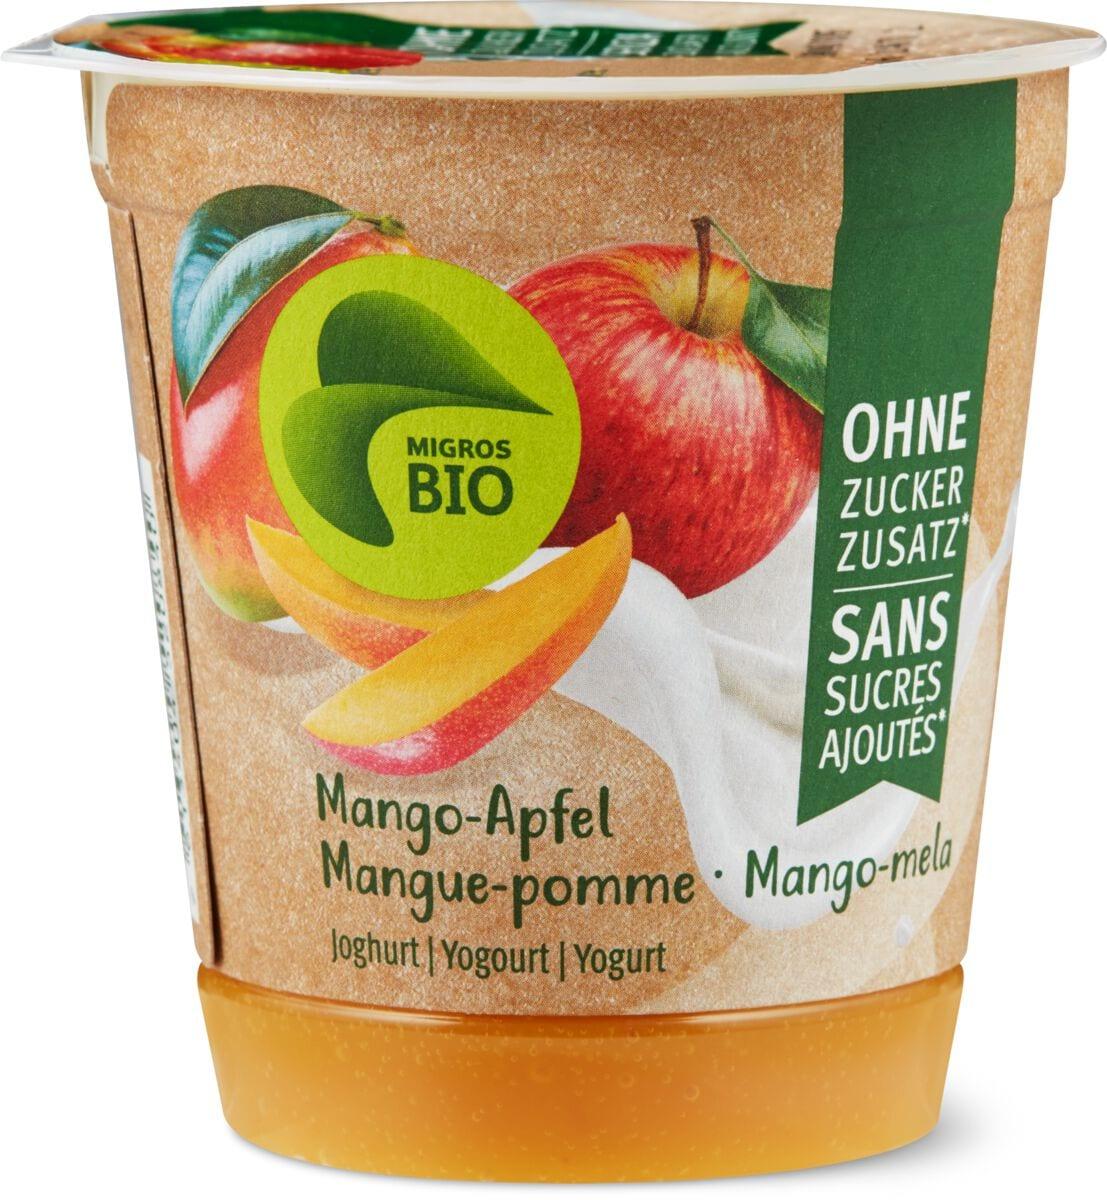 Bio Joghurt Mango-Apfel o.Zuckerzusatz